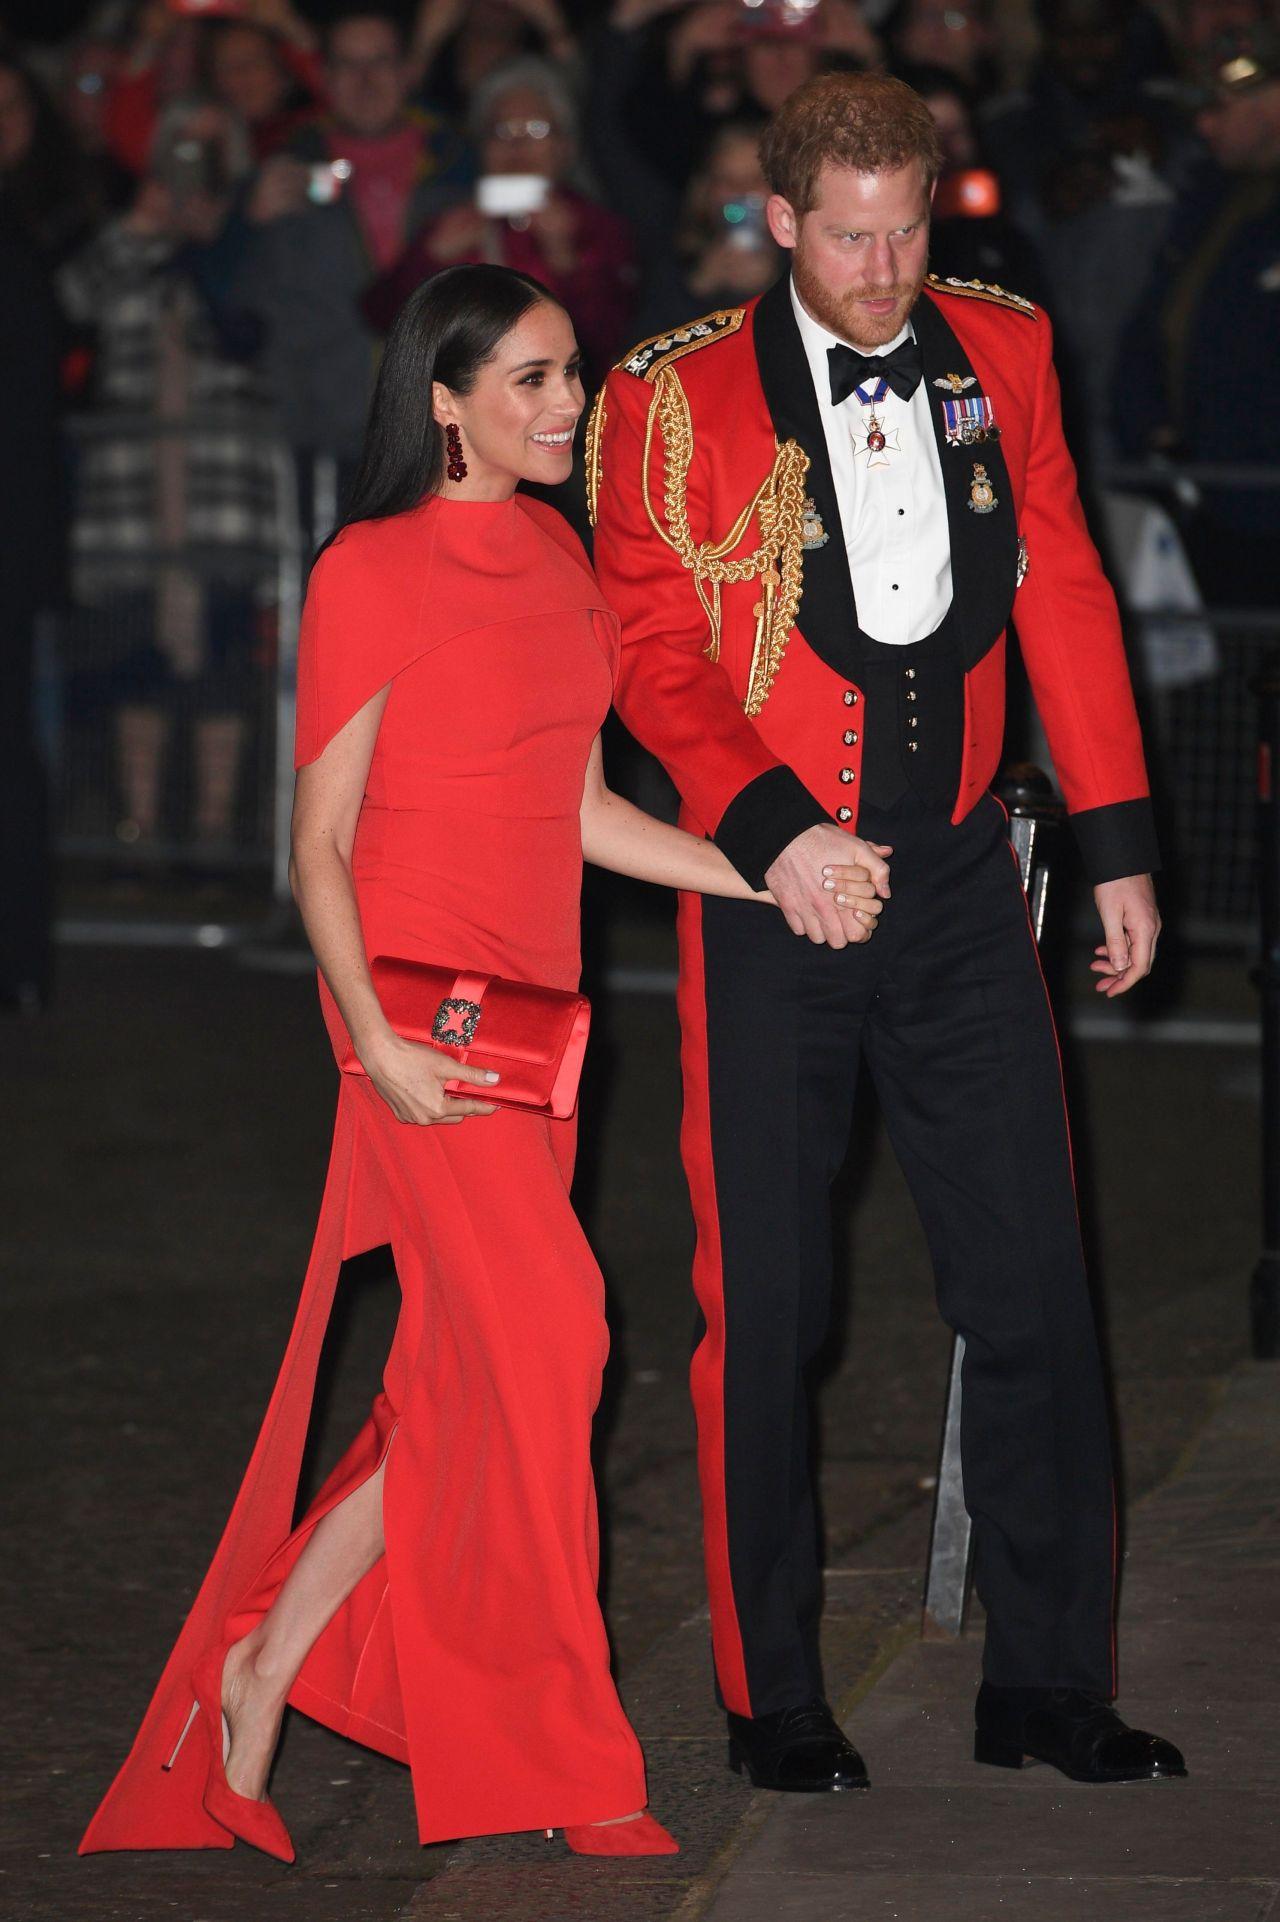 Công nương Meghan Markle diện thiết kế đầm đỏ nổi bật trong chuỗi sự kiện hoàng gia cuối cùng